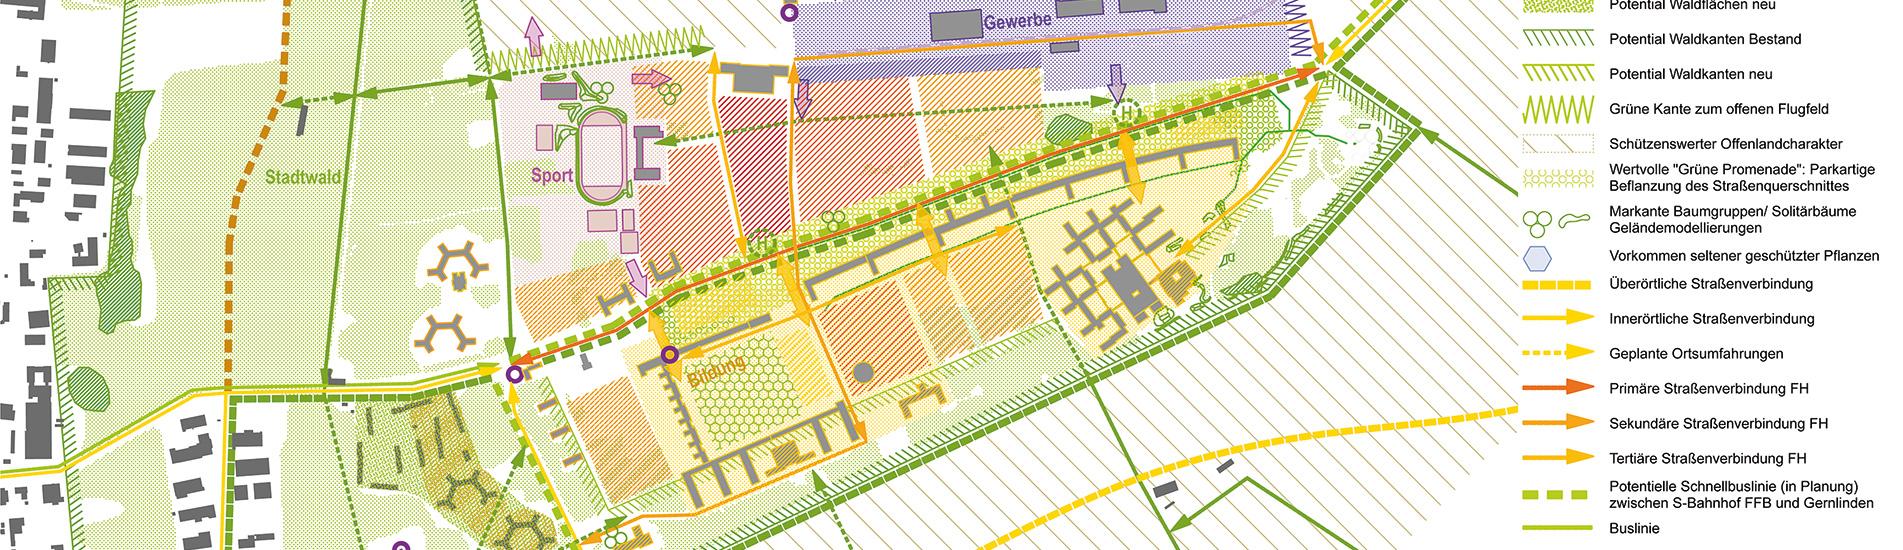 Fliegerhorst Fürstenfeldbruck konzeptionelle Konversions-Planung